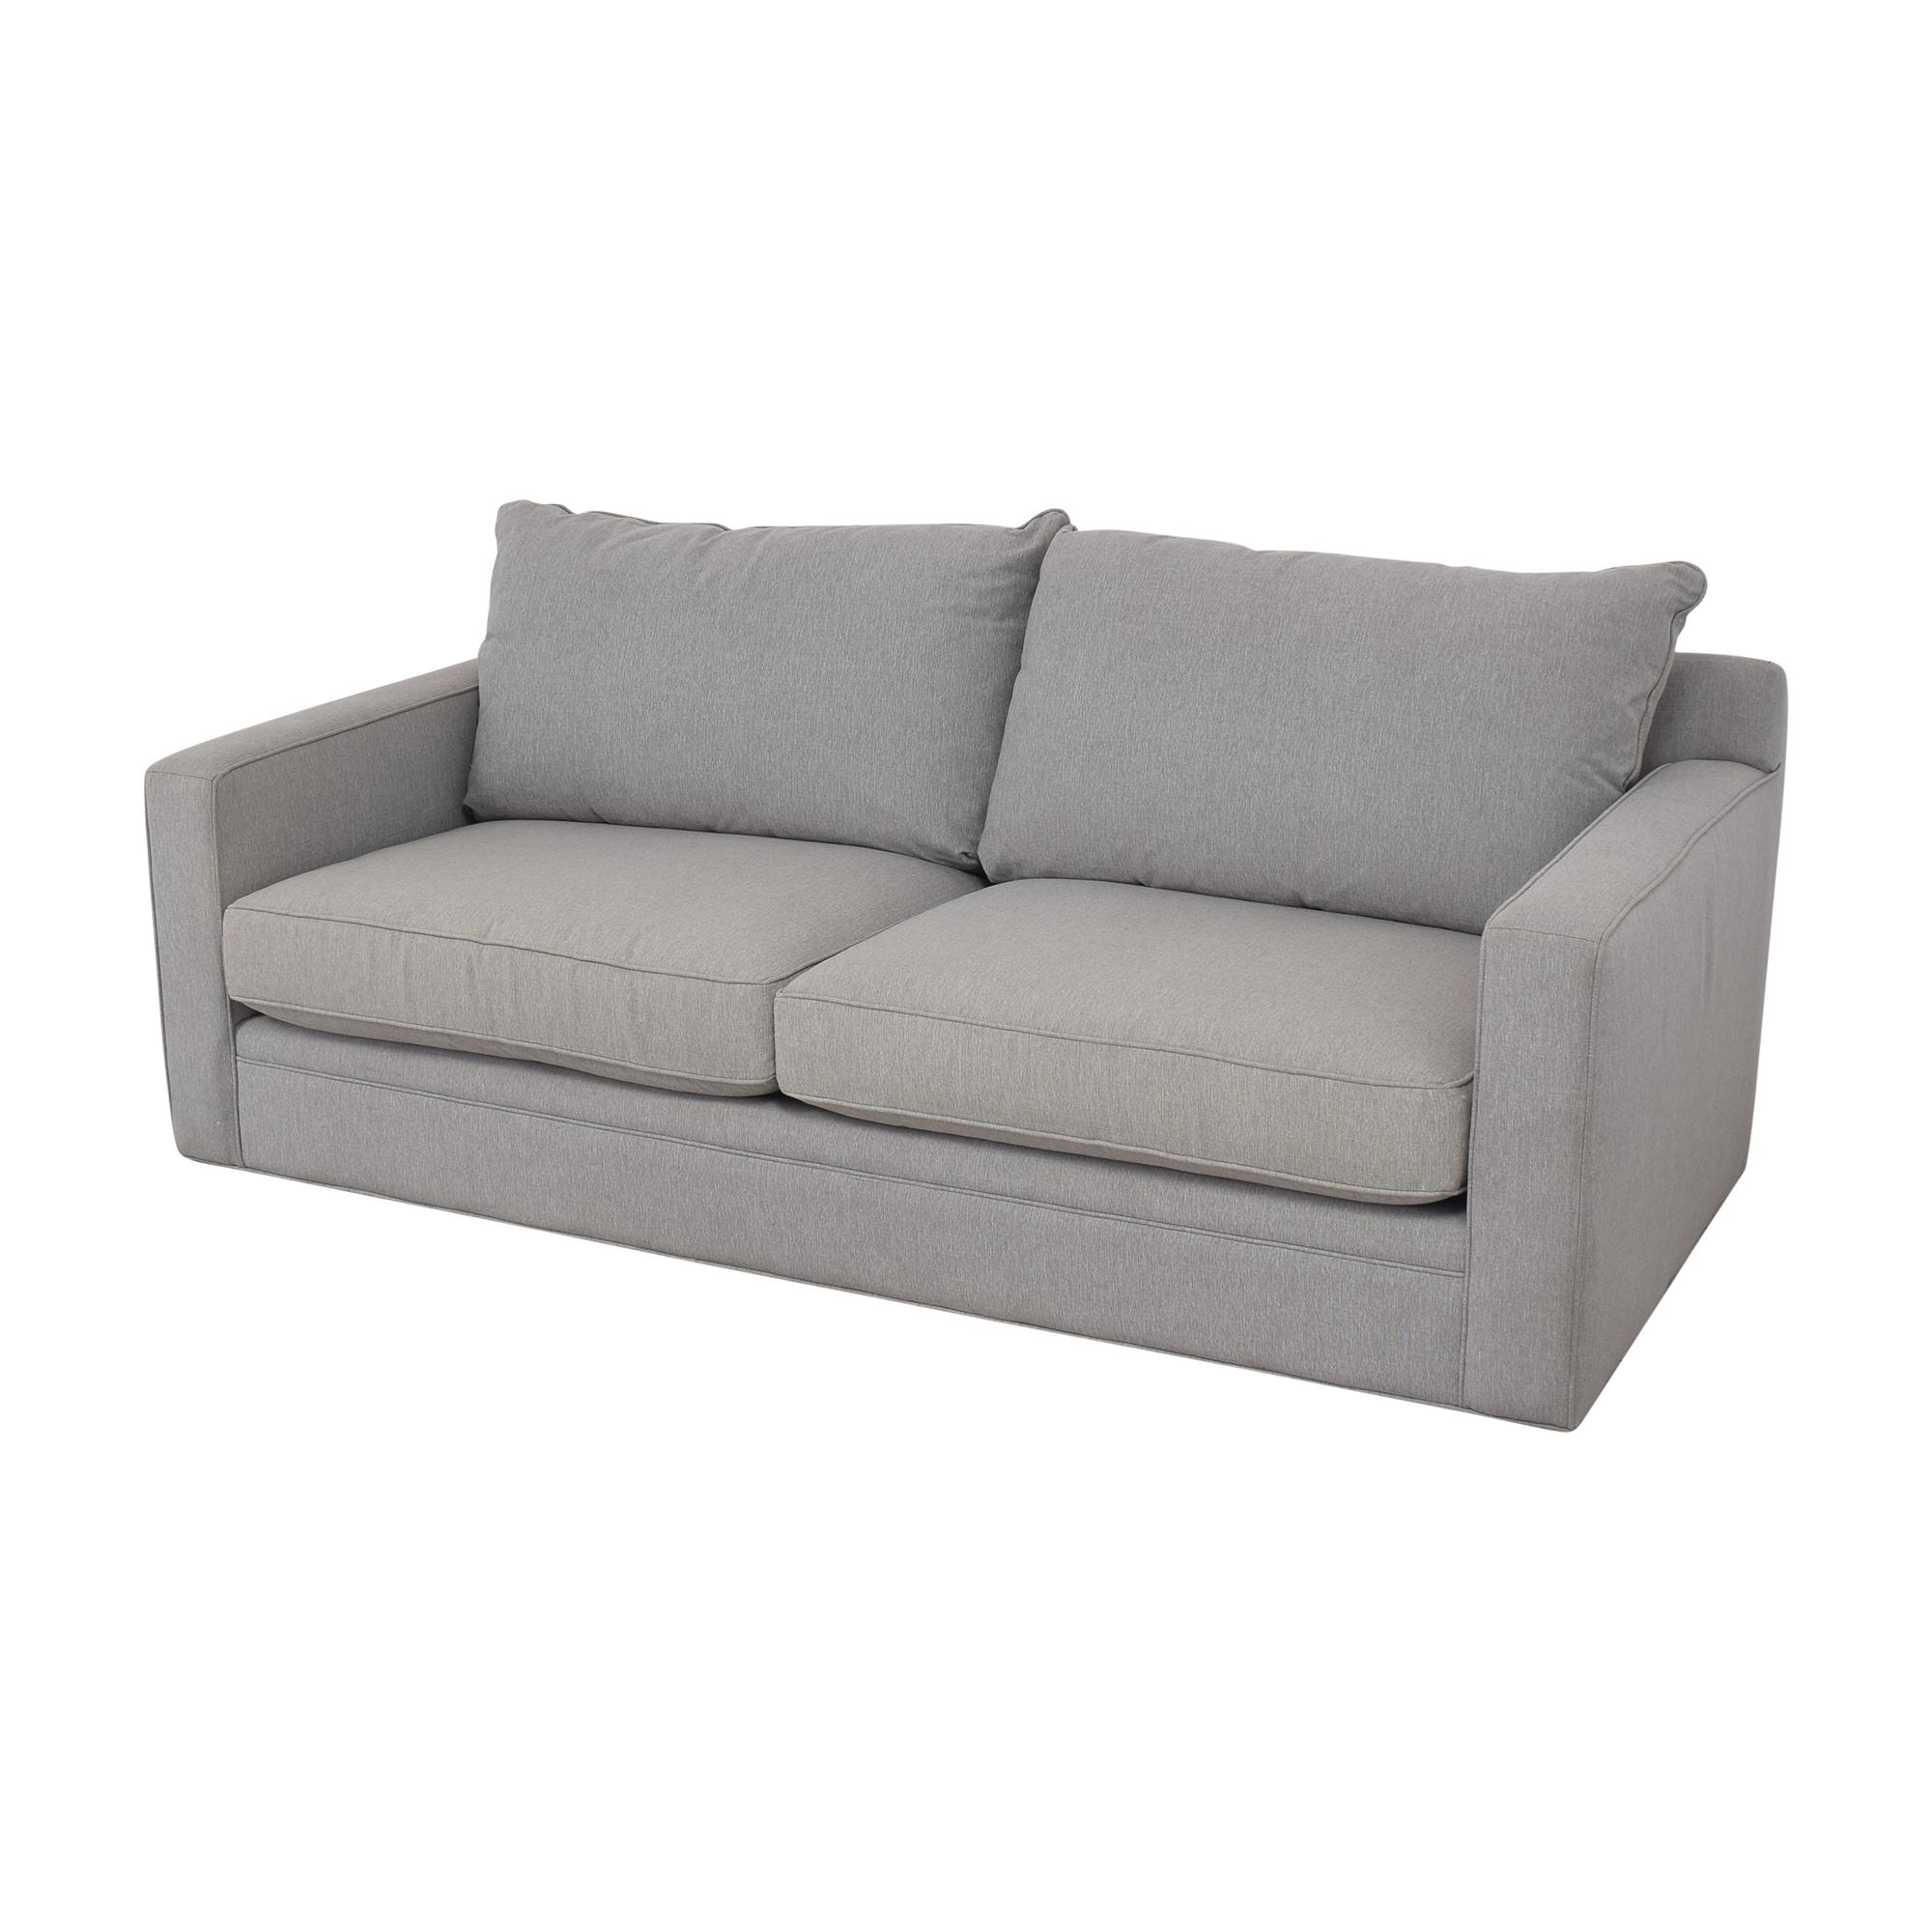 buy Room & Board Orson Sofa Room & Board